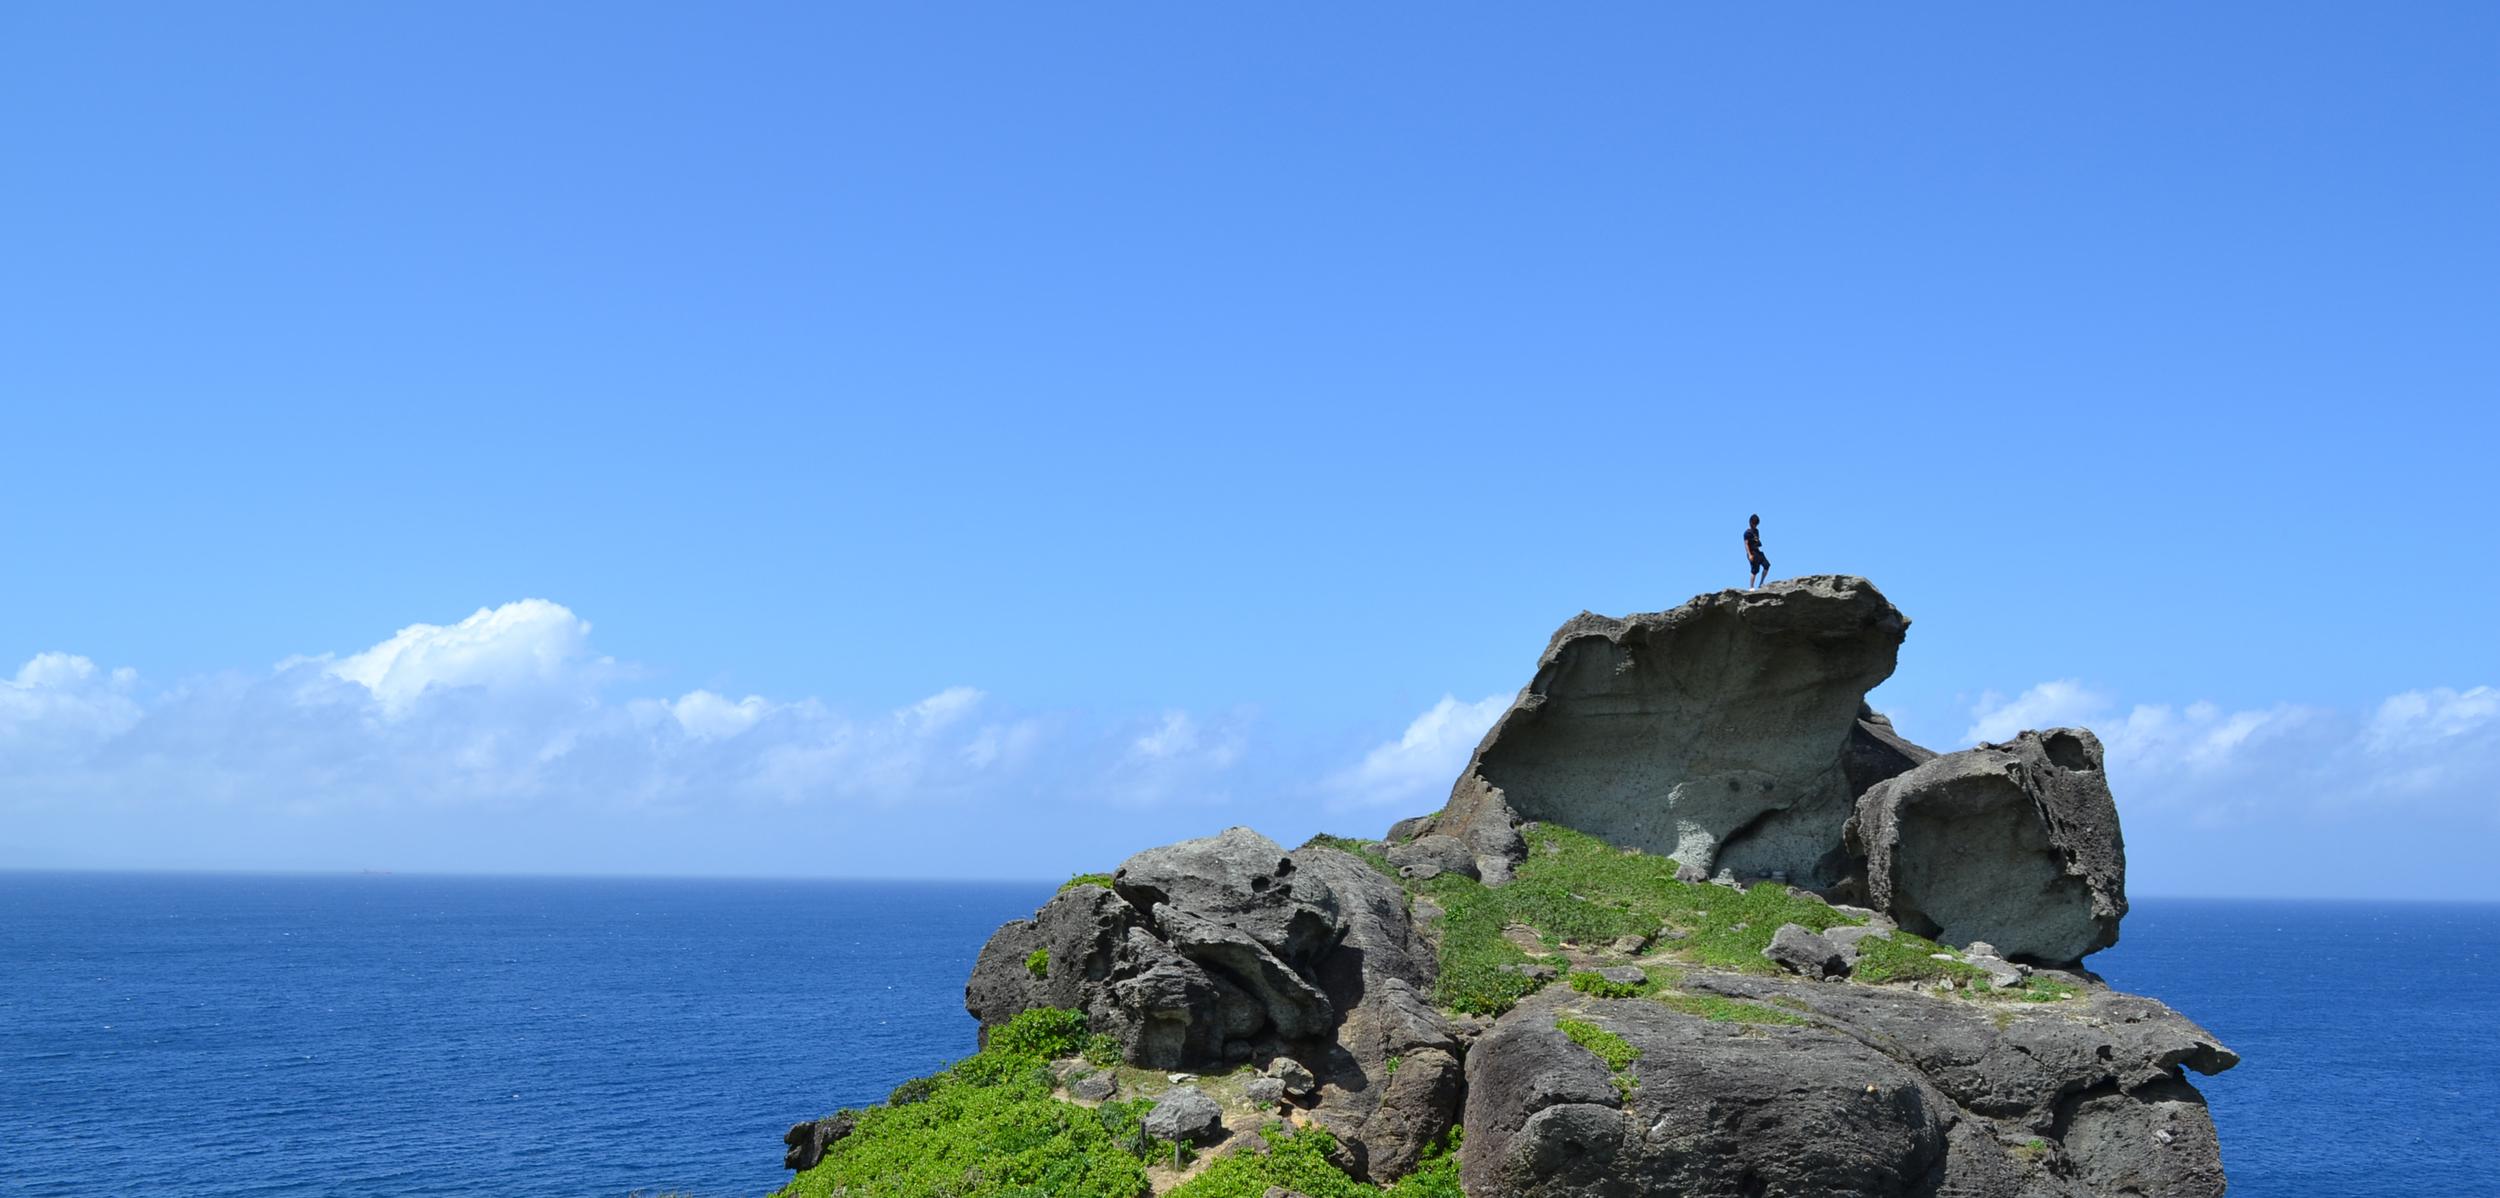 Sentirte diminuto en la Isla Ishigaki.